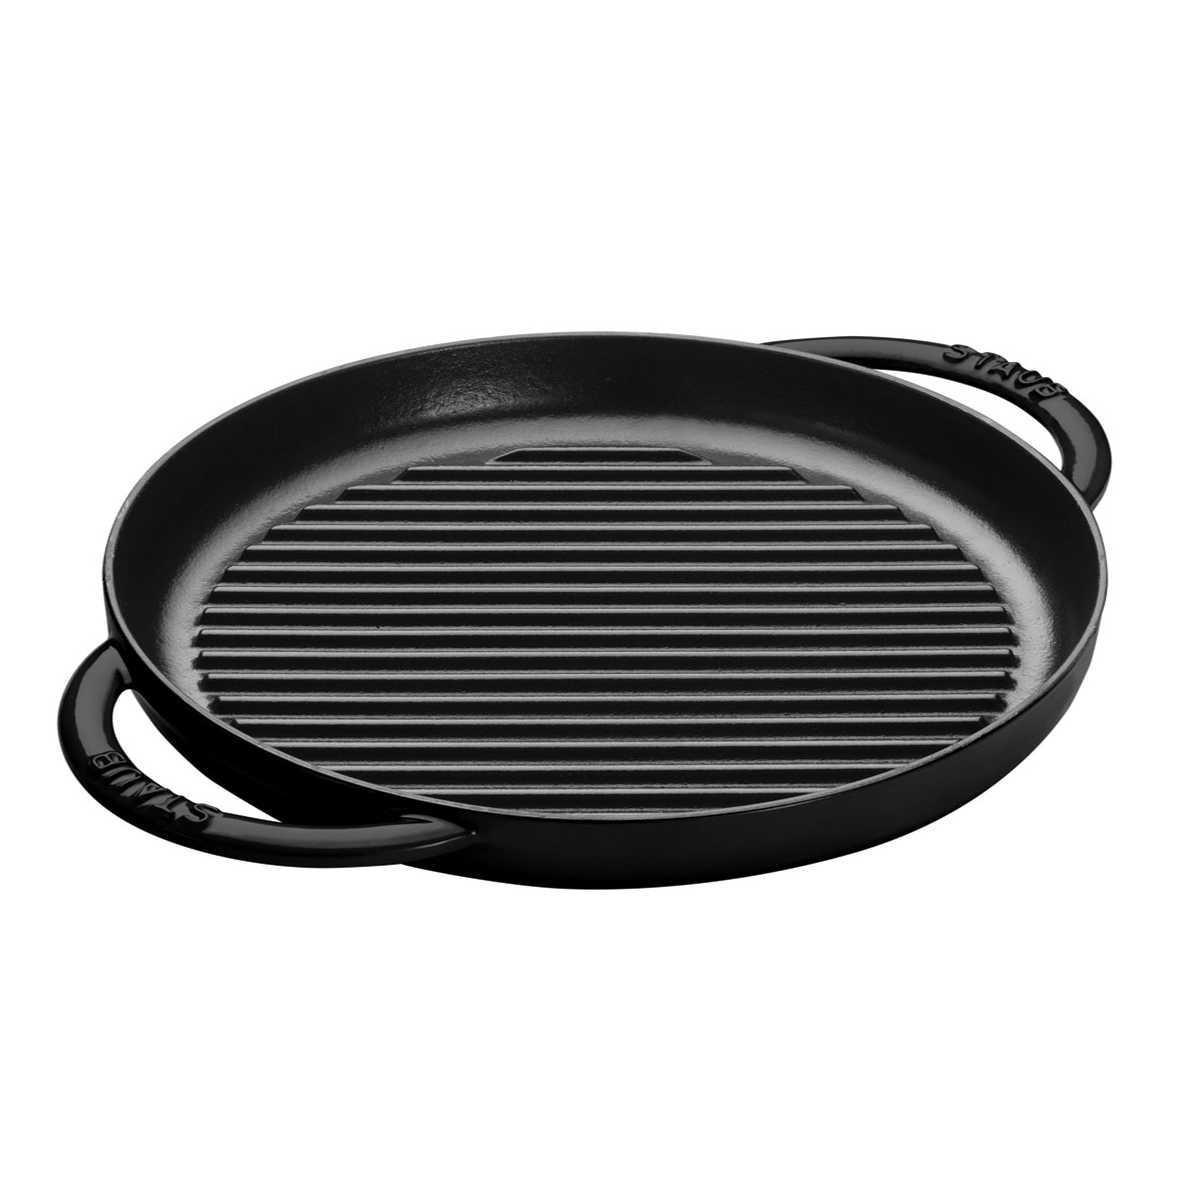 Chảo gang nướng Staub – Oval